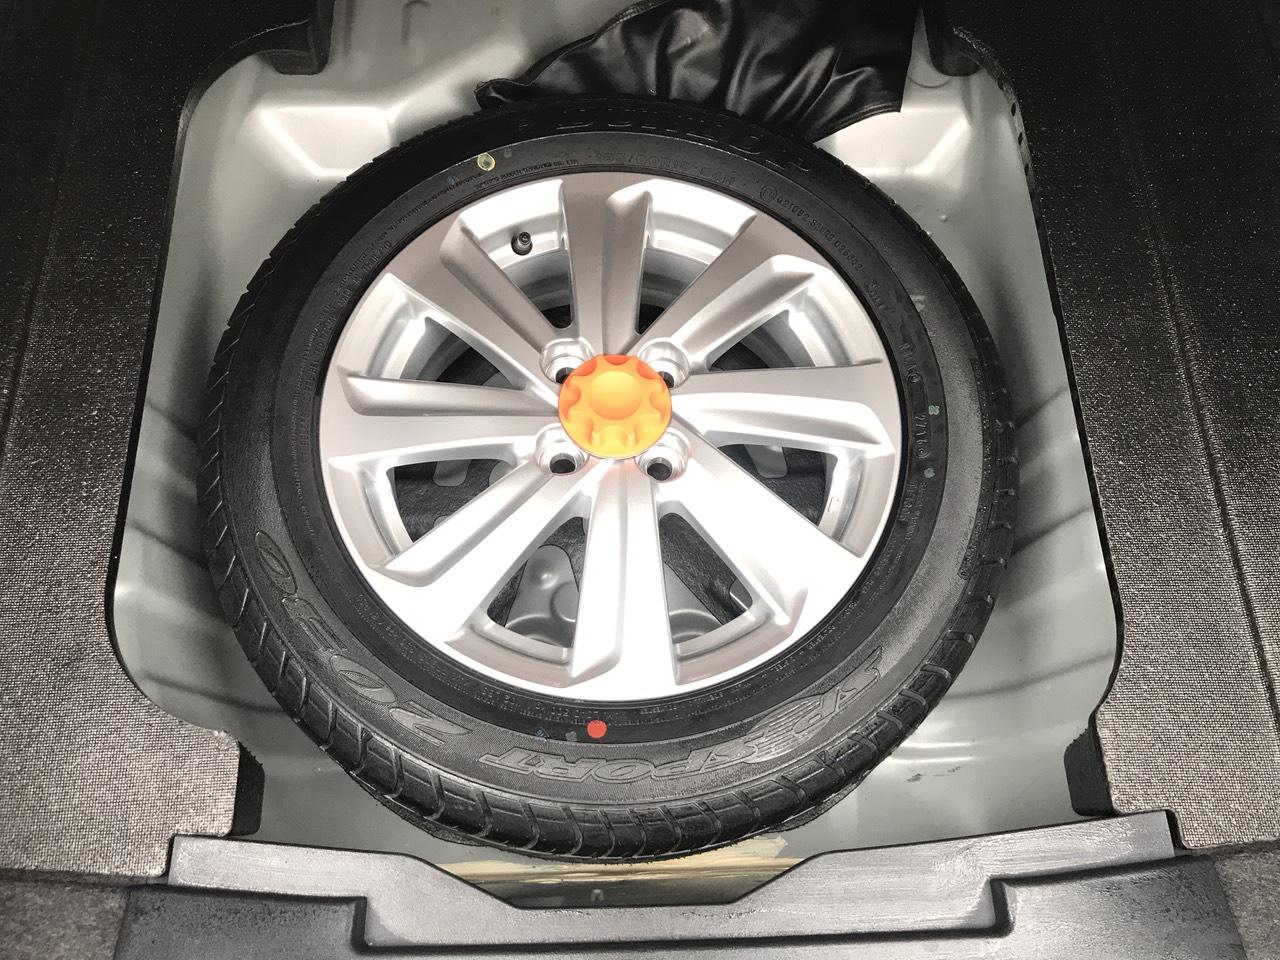 Bán ô tô Toyota Vios 1.5 G đời 2016, màu bạc. Xe Lướt 1v Mới Khủng Khiếp